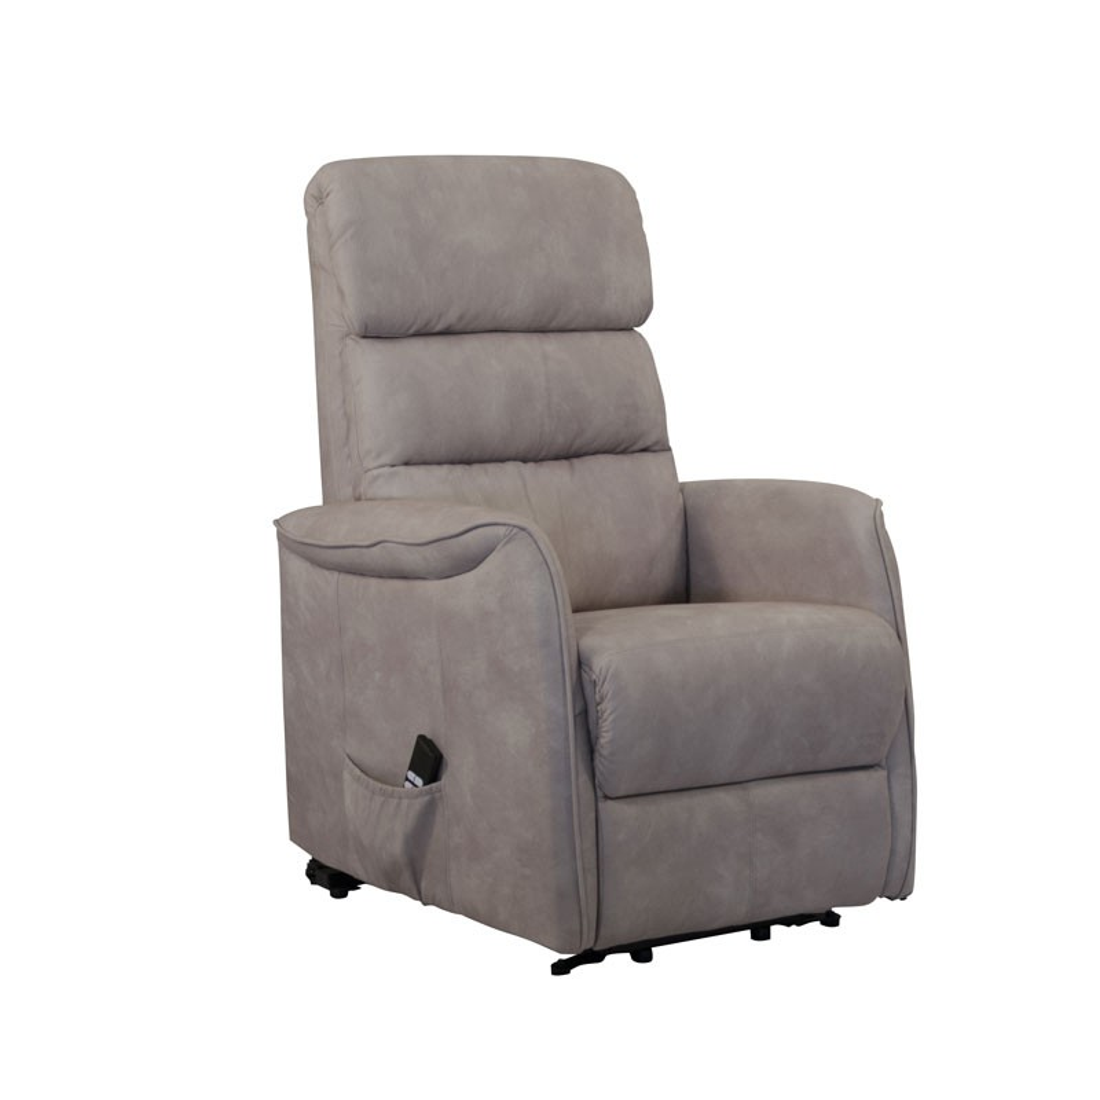 fauteuil de relaxation mastic softy univers du salon tousmesmeubles. Black Bedroom Furniture Sets. Home Design Ideas